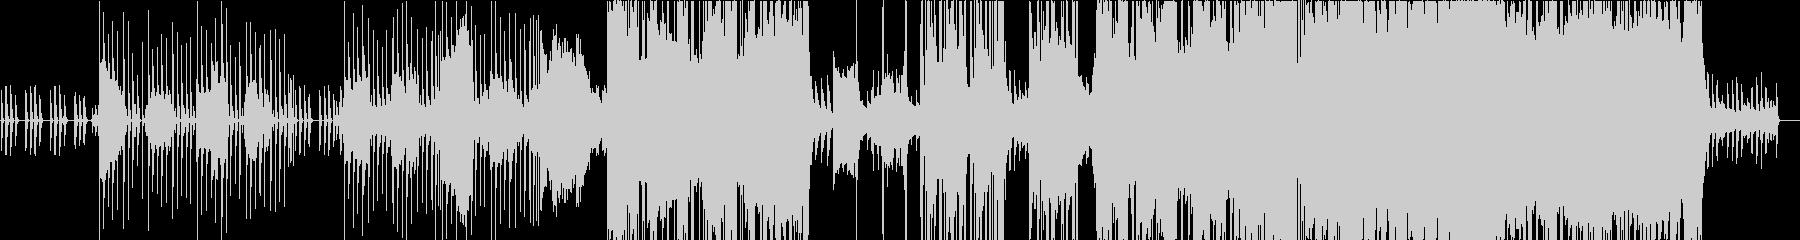 【生演奏】柔らかい雰囲気のバラードの未再生の波形